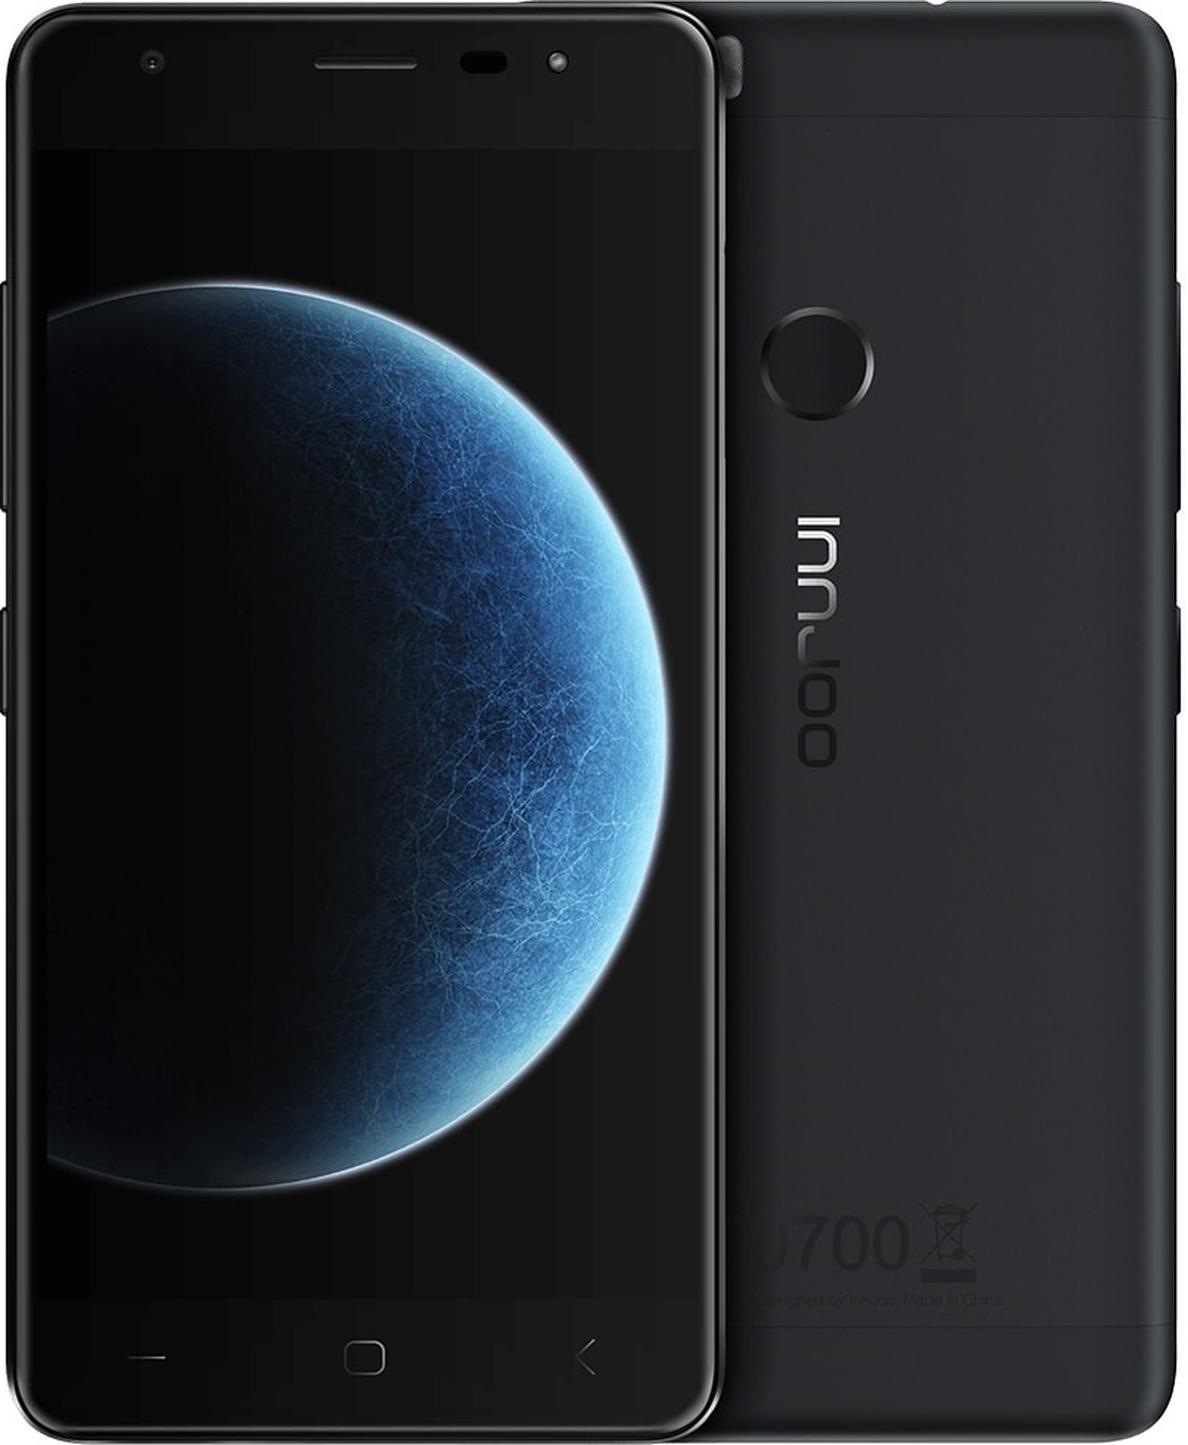 Innjoo pone a la venta Halo 3, un »smartphone» de gama media con batería de 288 horas en espera